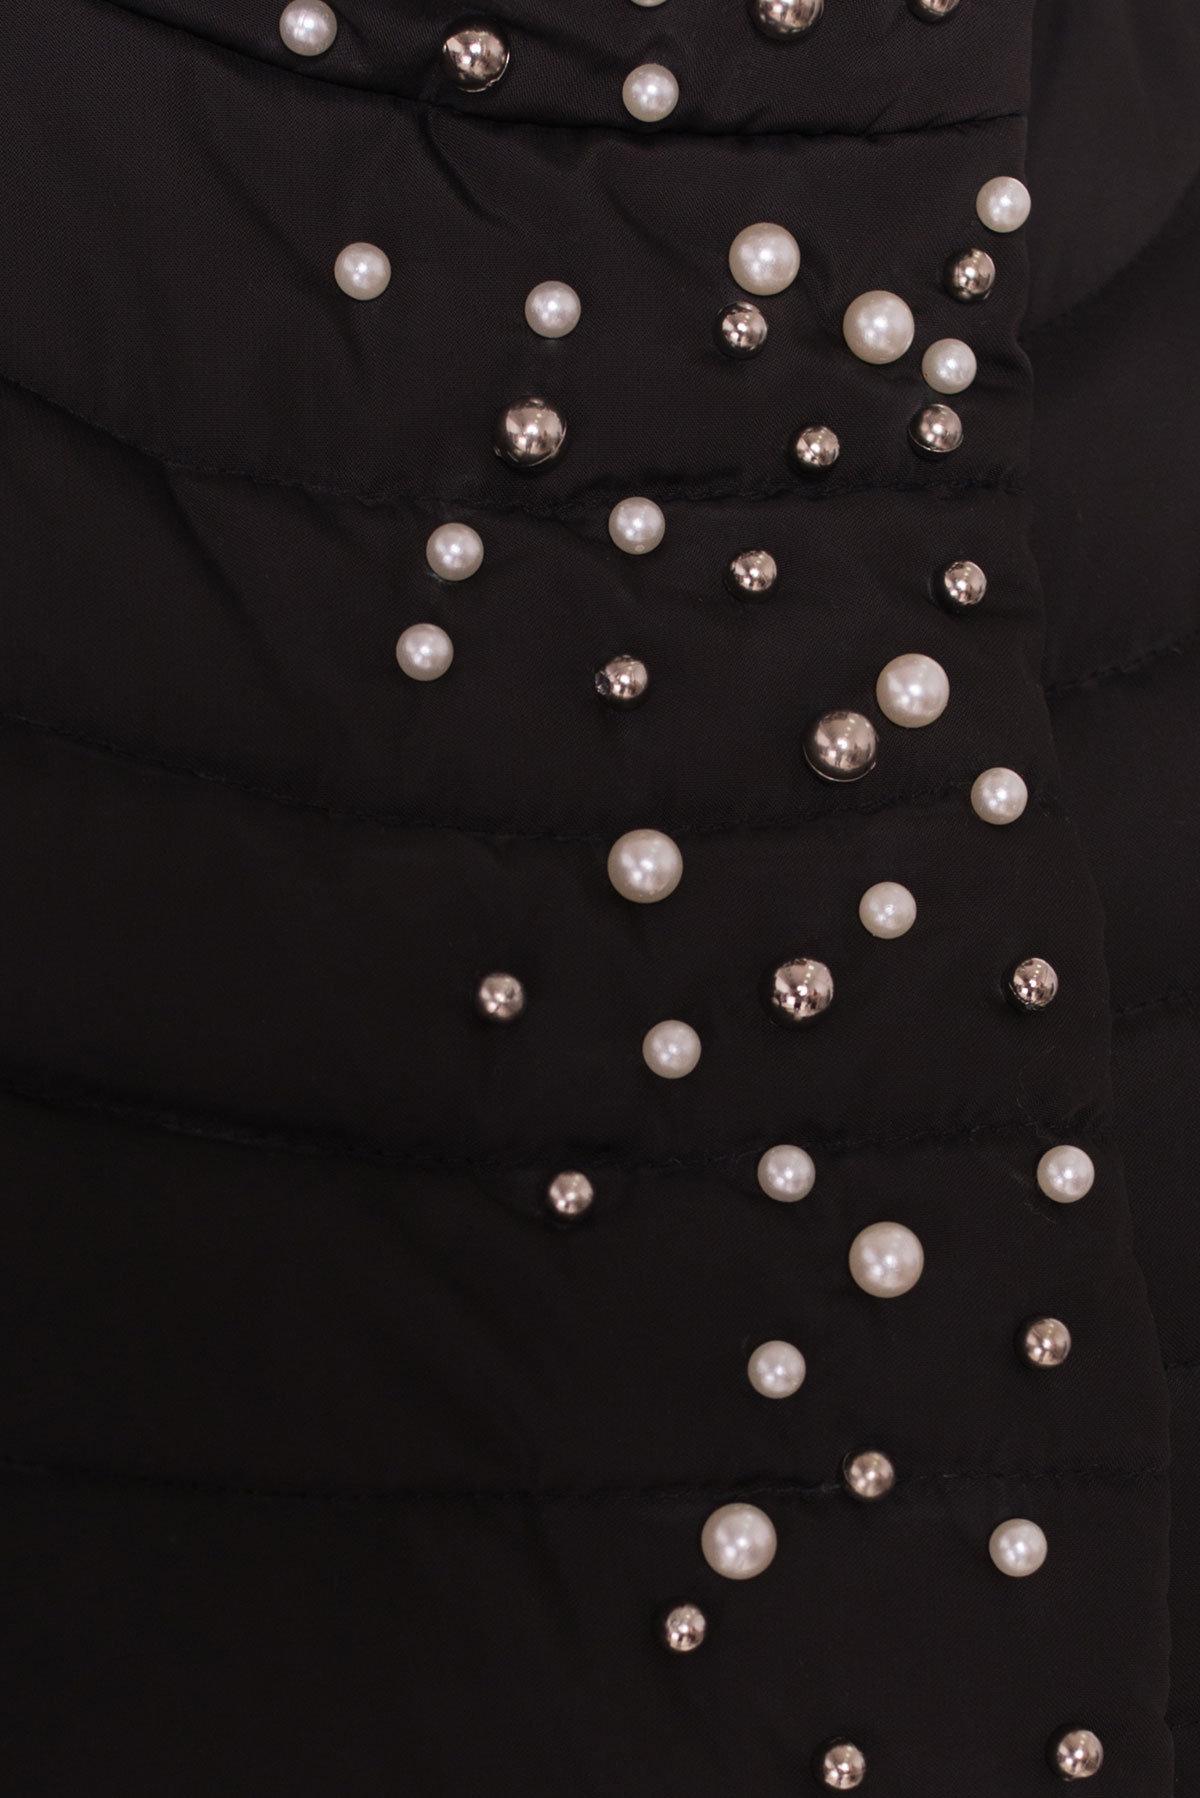 Стильное стеганое пальто Блисс 4520 АРТ. 36585 Цвет: Черный - фото 5, интернет магазин tm-modus.ru